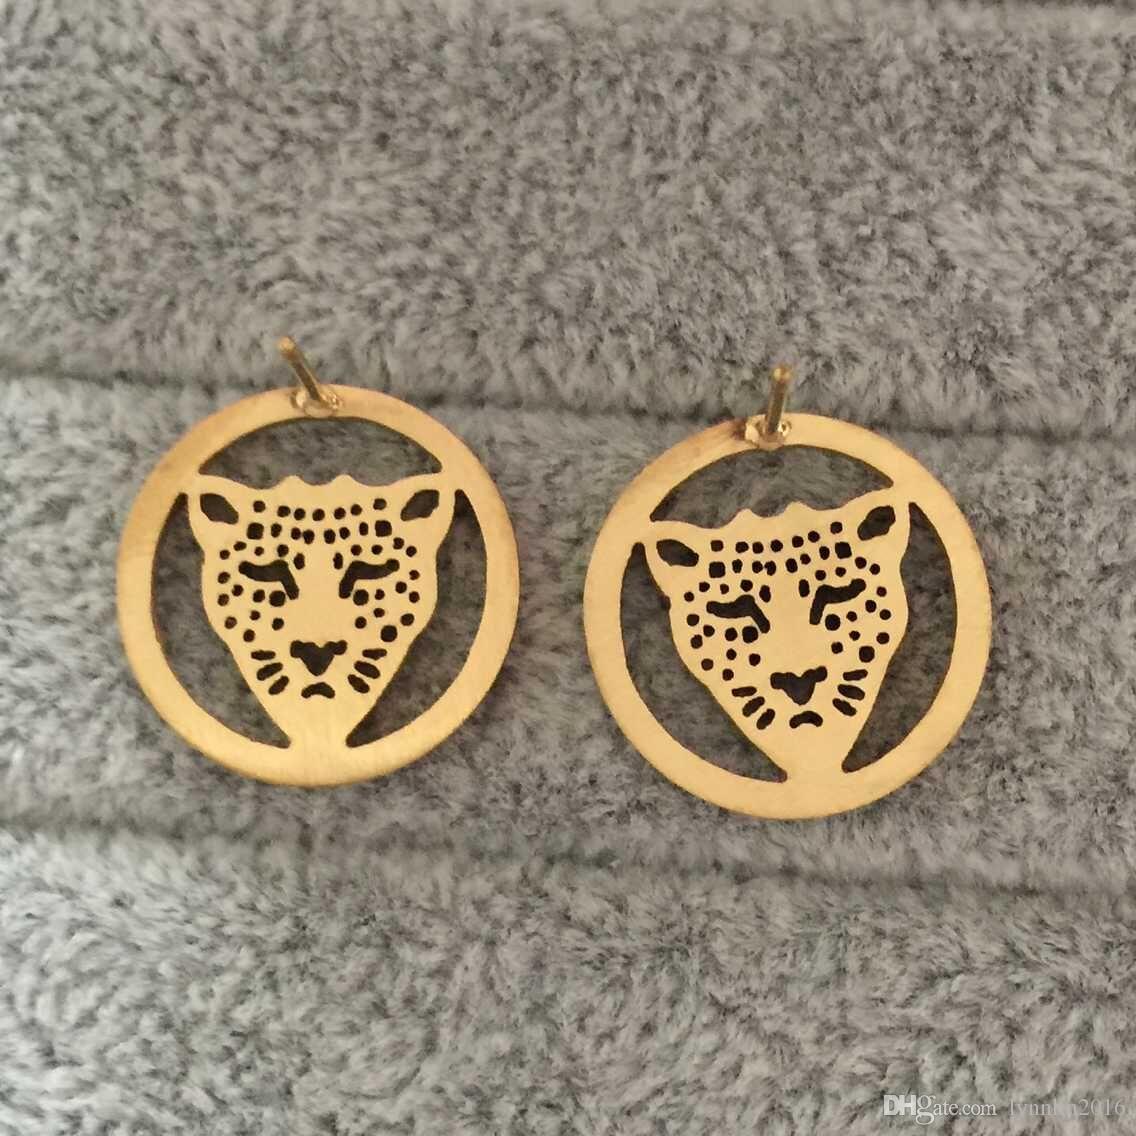 الشرير نمط إلكتروني الفاخرة 18 كيلو الذهب مطلي الفهد رئيس الجوف جولة تشيكوسلوفاكيا الماس أقراط للنساء